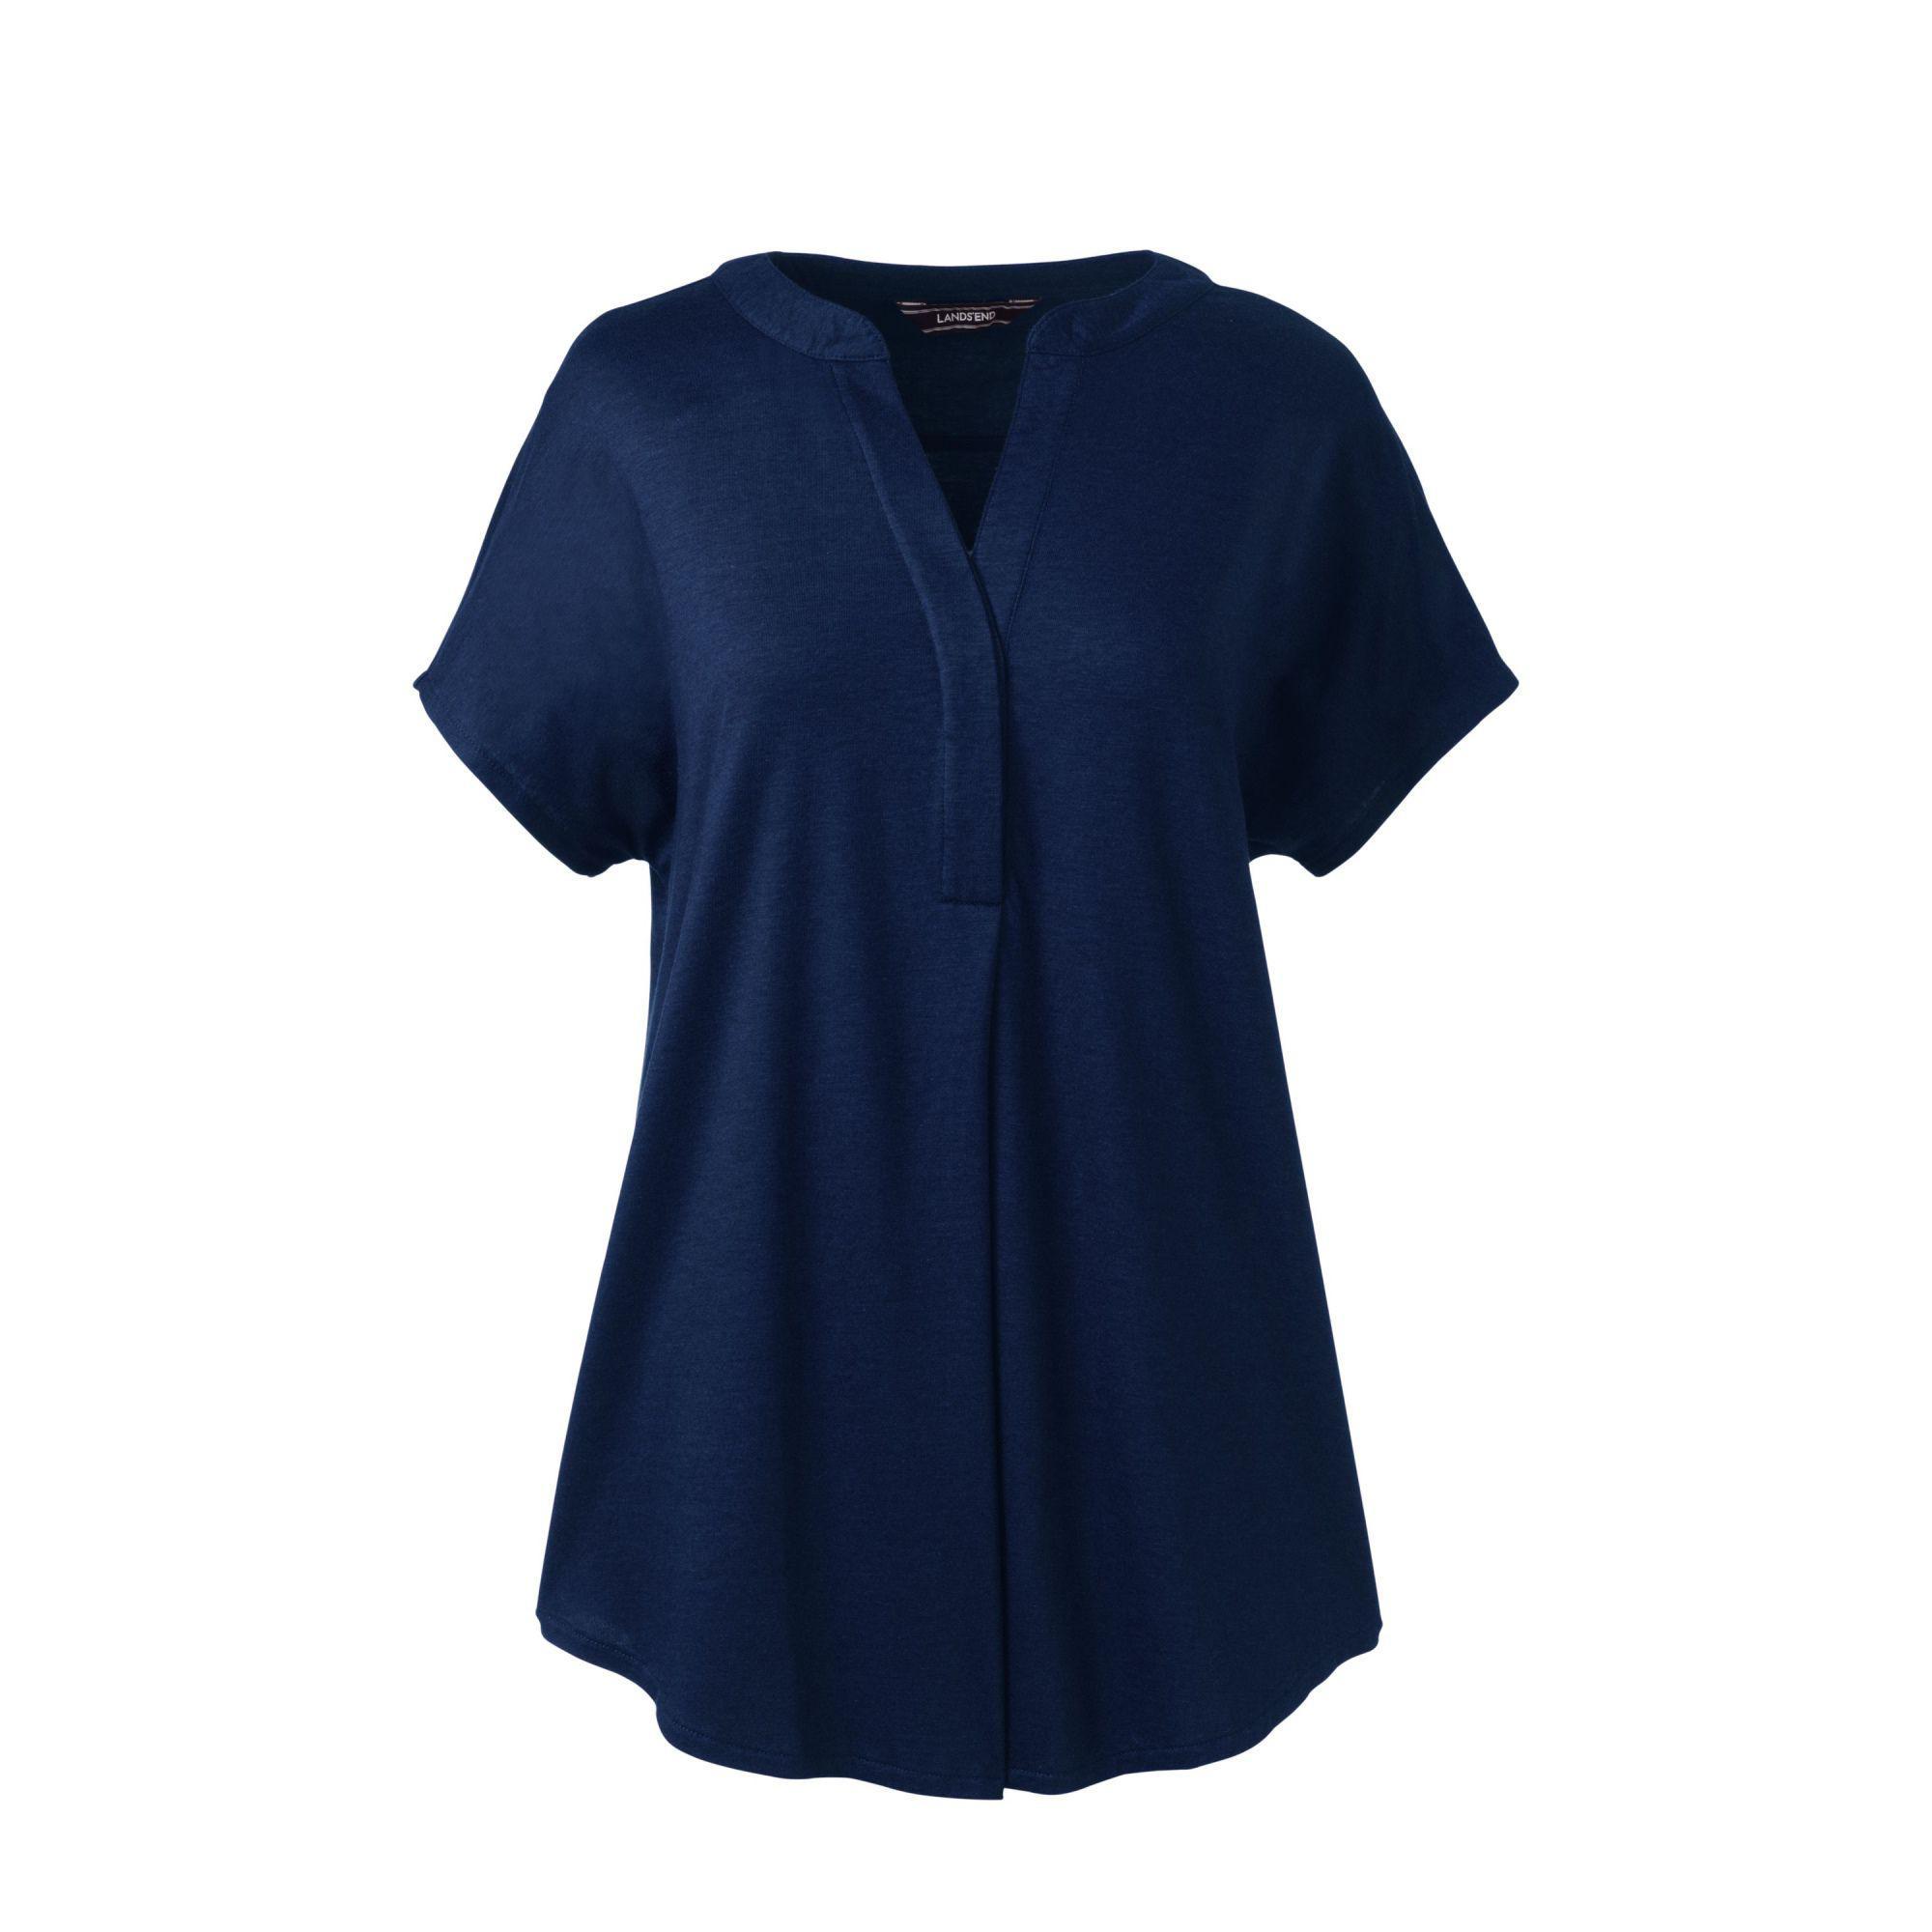 Womens Petite Woven Front Art T-shirt - 10 -12 - BLUE Lands End Outlet Online colb9BIZb